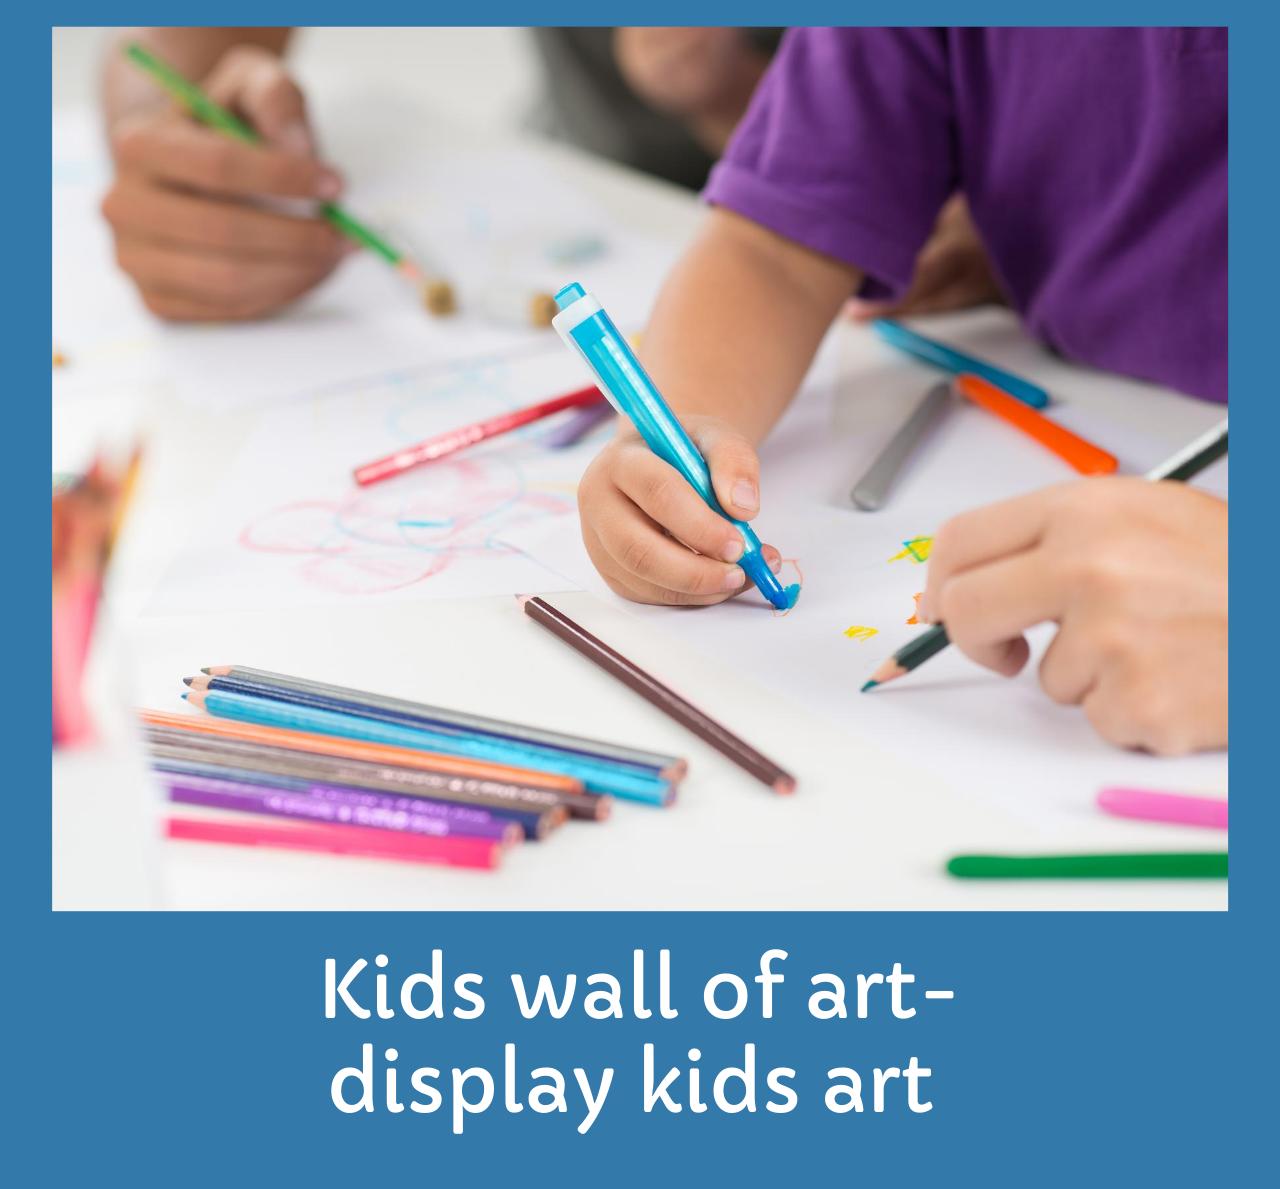 Benefits of displaying kids art work